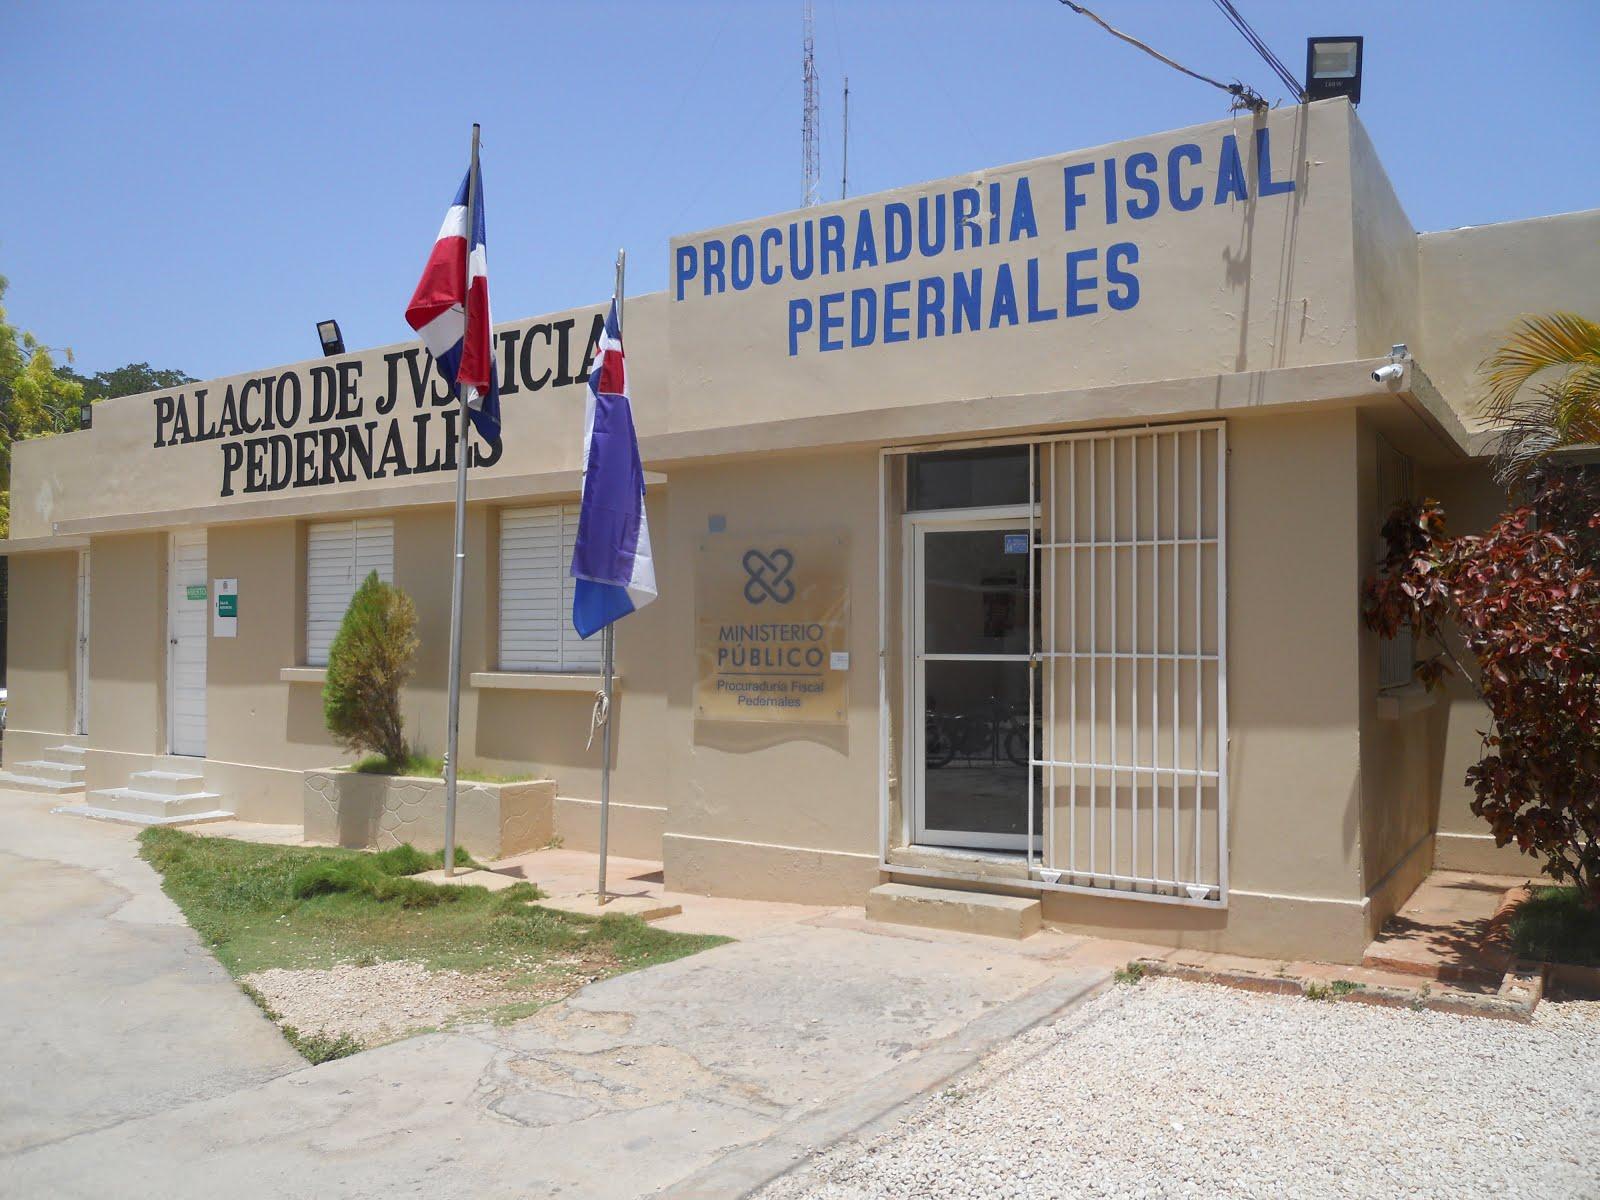 PALACIO DE JUSTICIA DE PEDERNALES